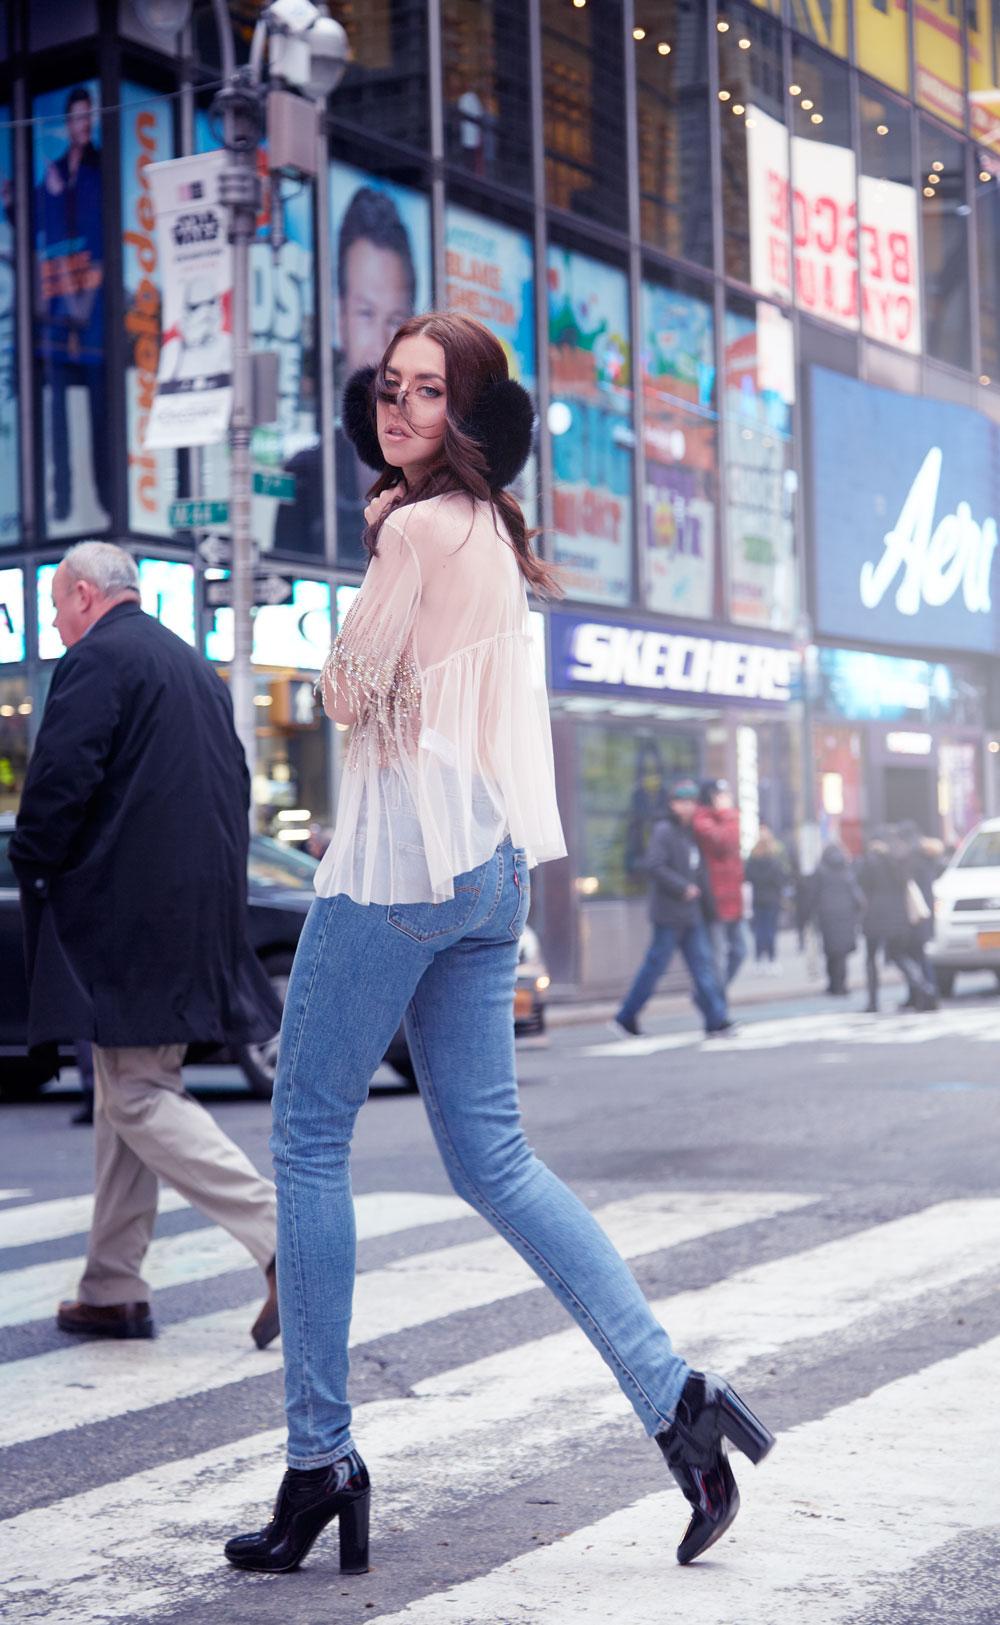 lady fur new york